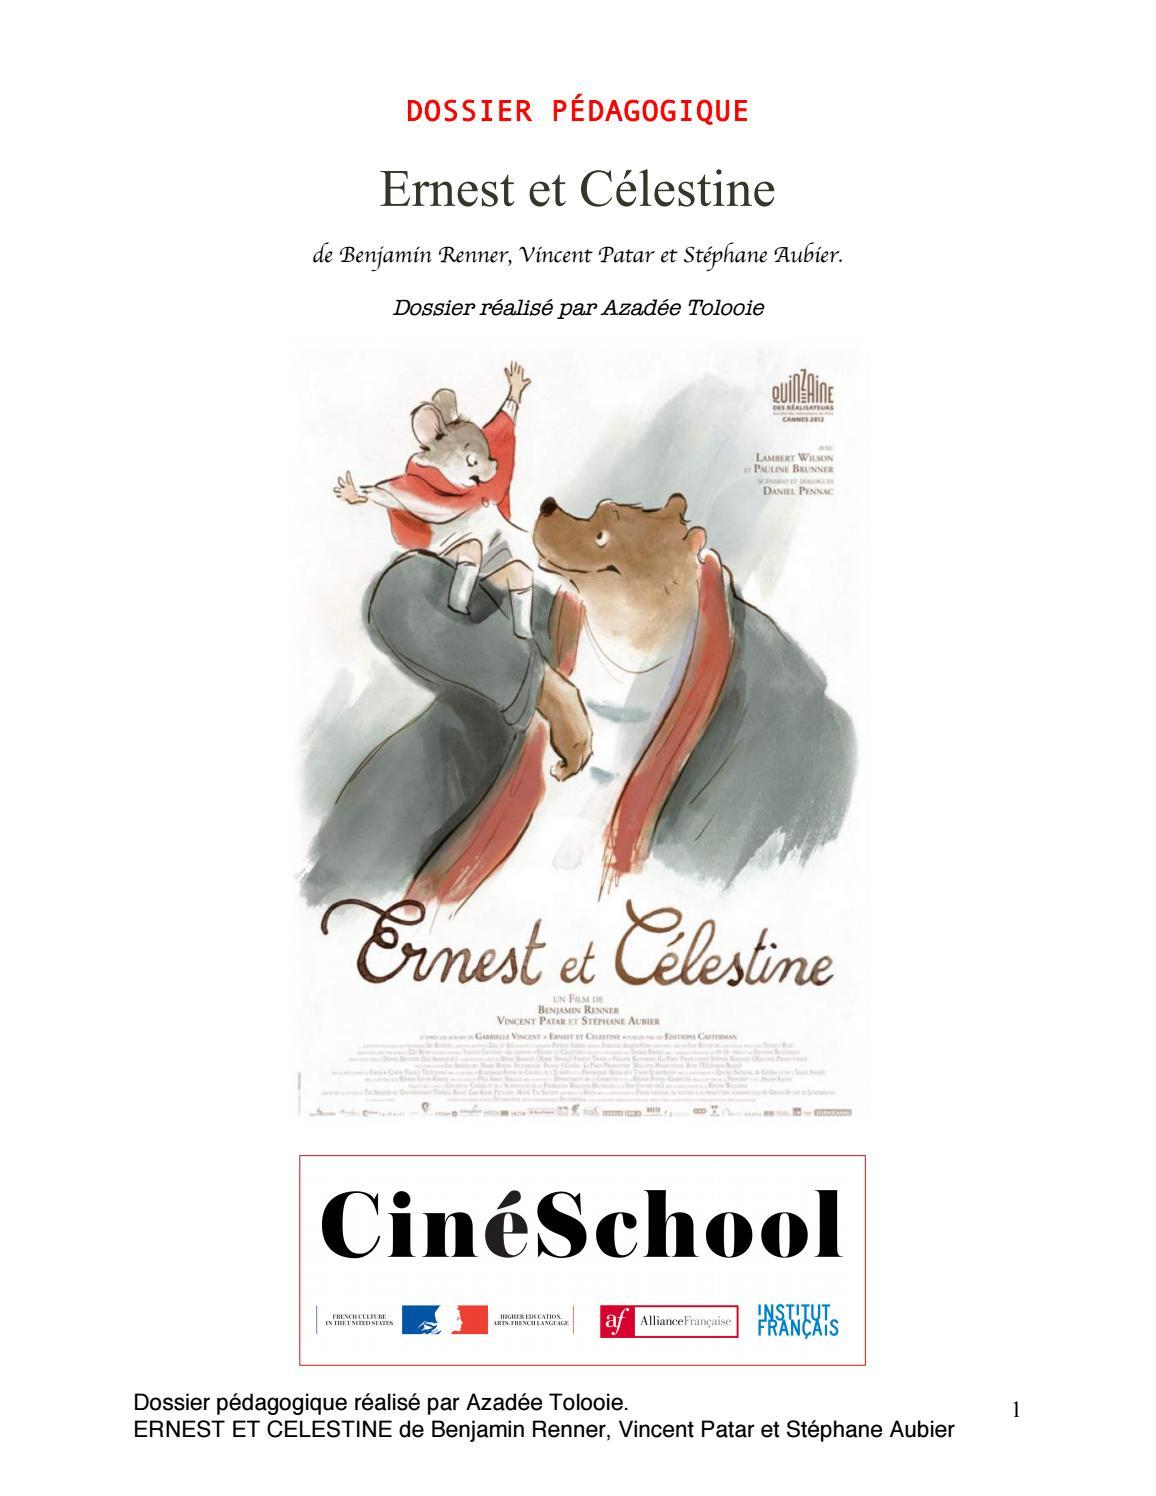 Ernest Et Celestine - Dossier Pédagogique By Azadée Tolooie encequiconcerne Fiche Pédagogique Les 5 Sens